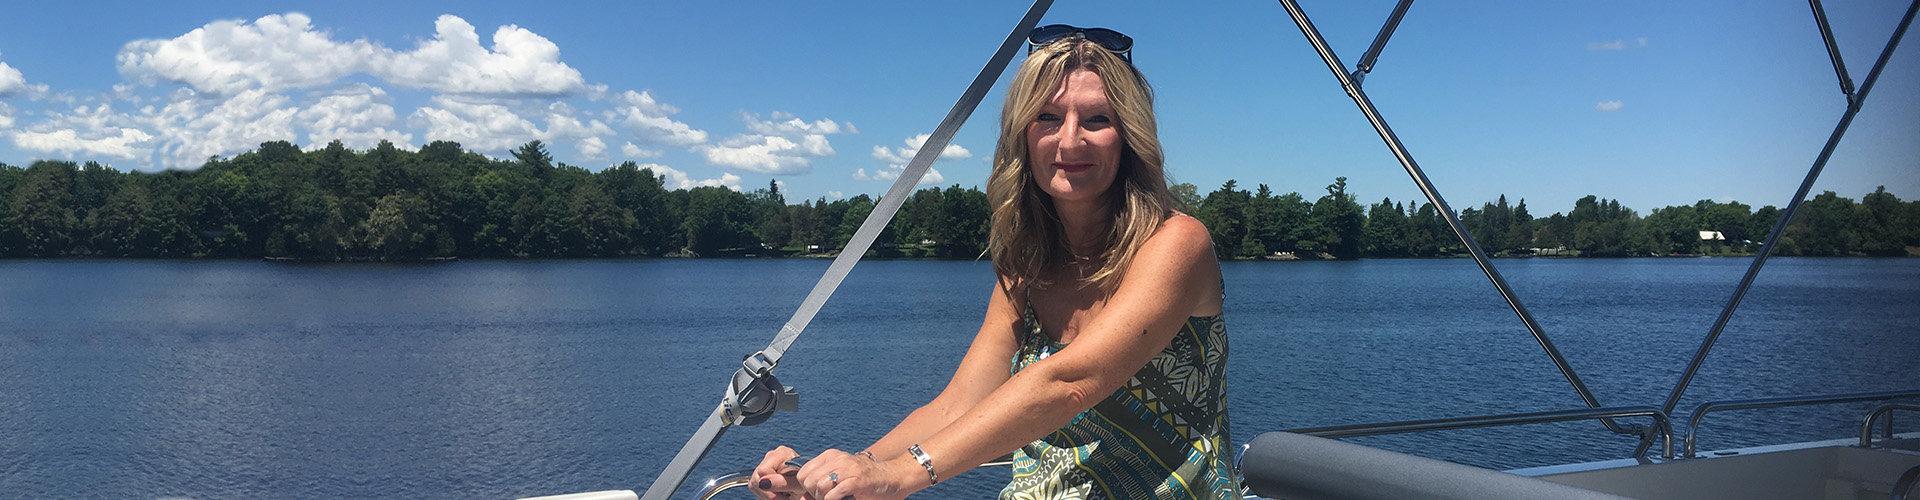 Cheryl Brown | Directora General | Le Boat